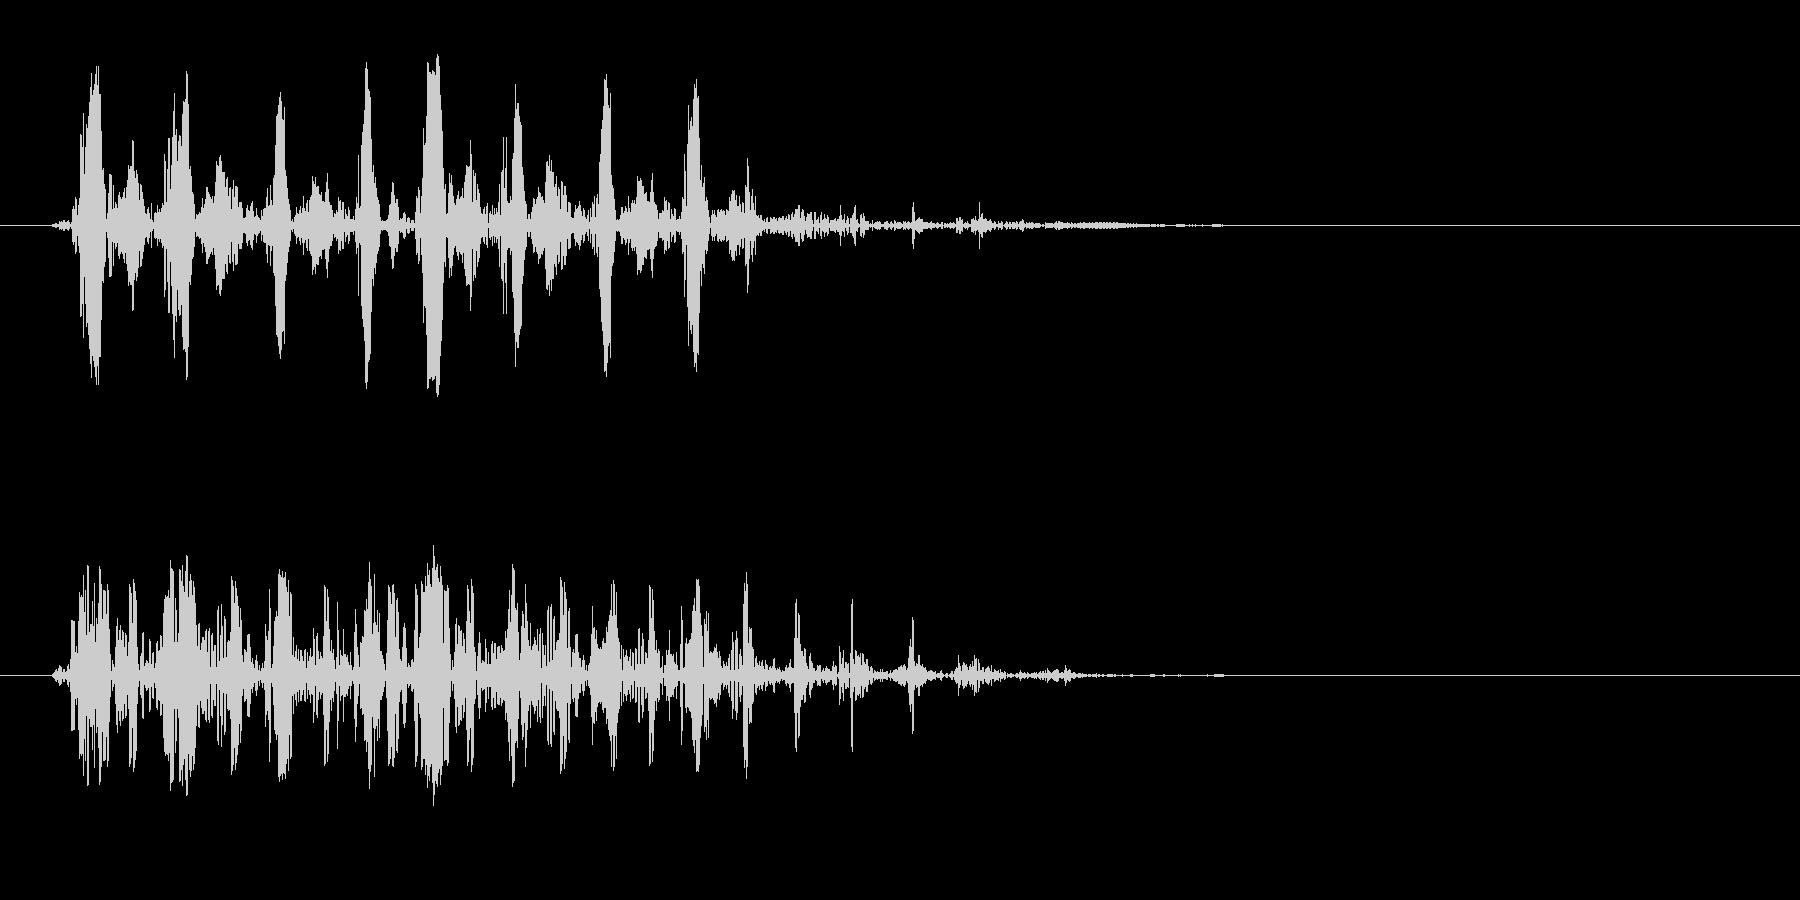 ガコ、ゲロ、バサッ(鳴き声や落下音)の未再生の波形